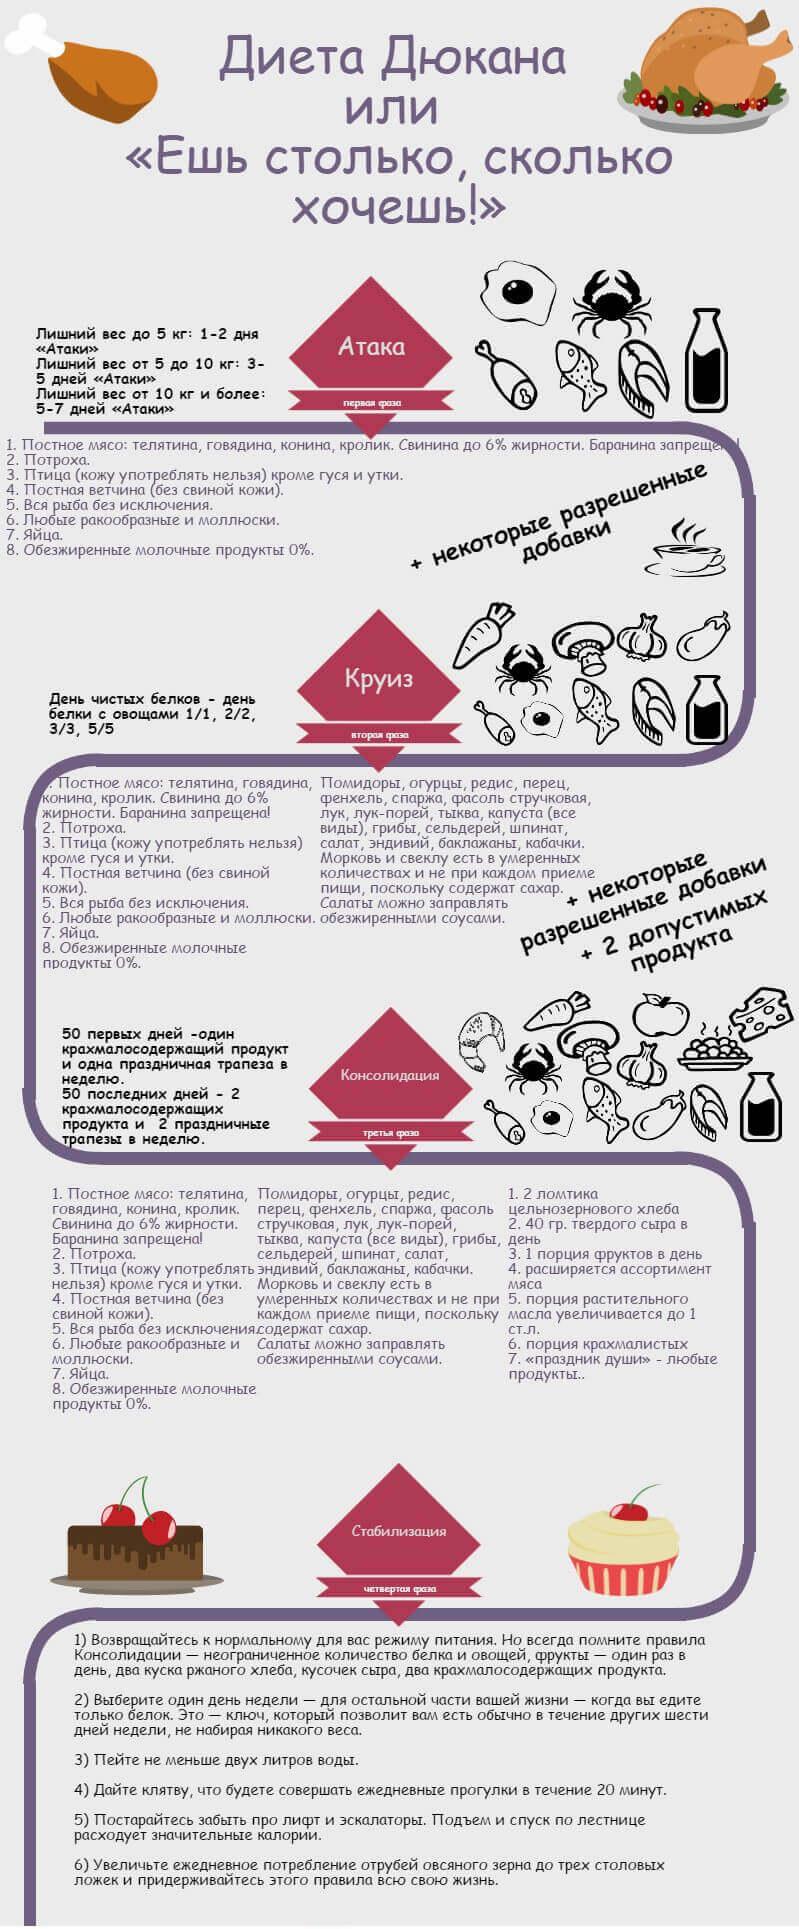 Инфографик. Этапы диеты по Дюкану